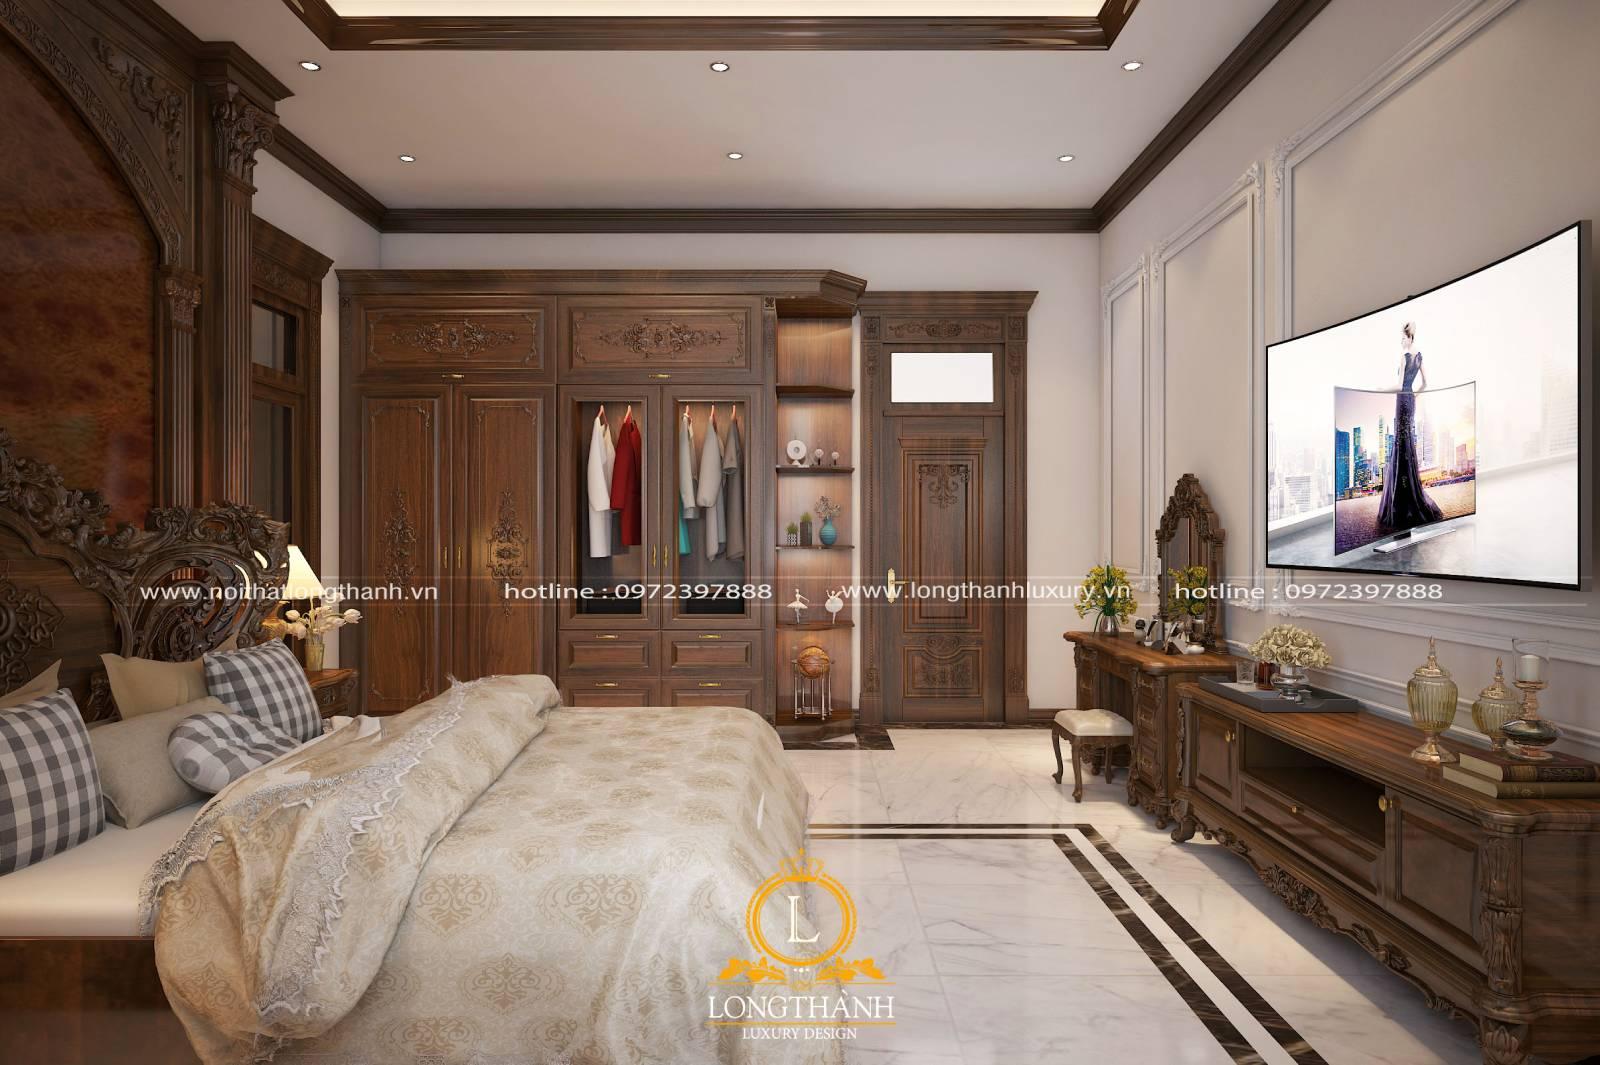 Mẫu phòng ngủ master tân cổ điển sử dụng hoàn toàn gỗ tự nhiên